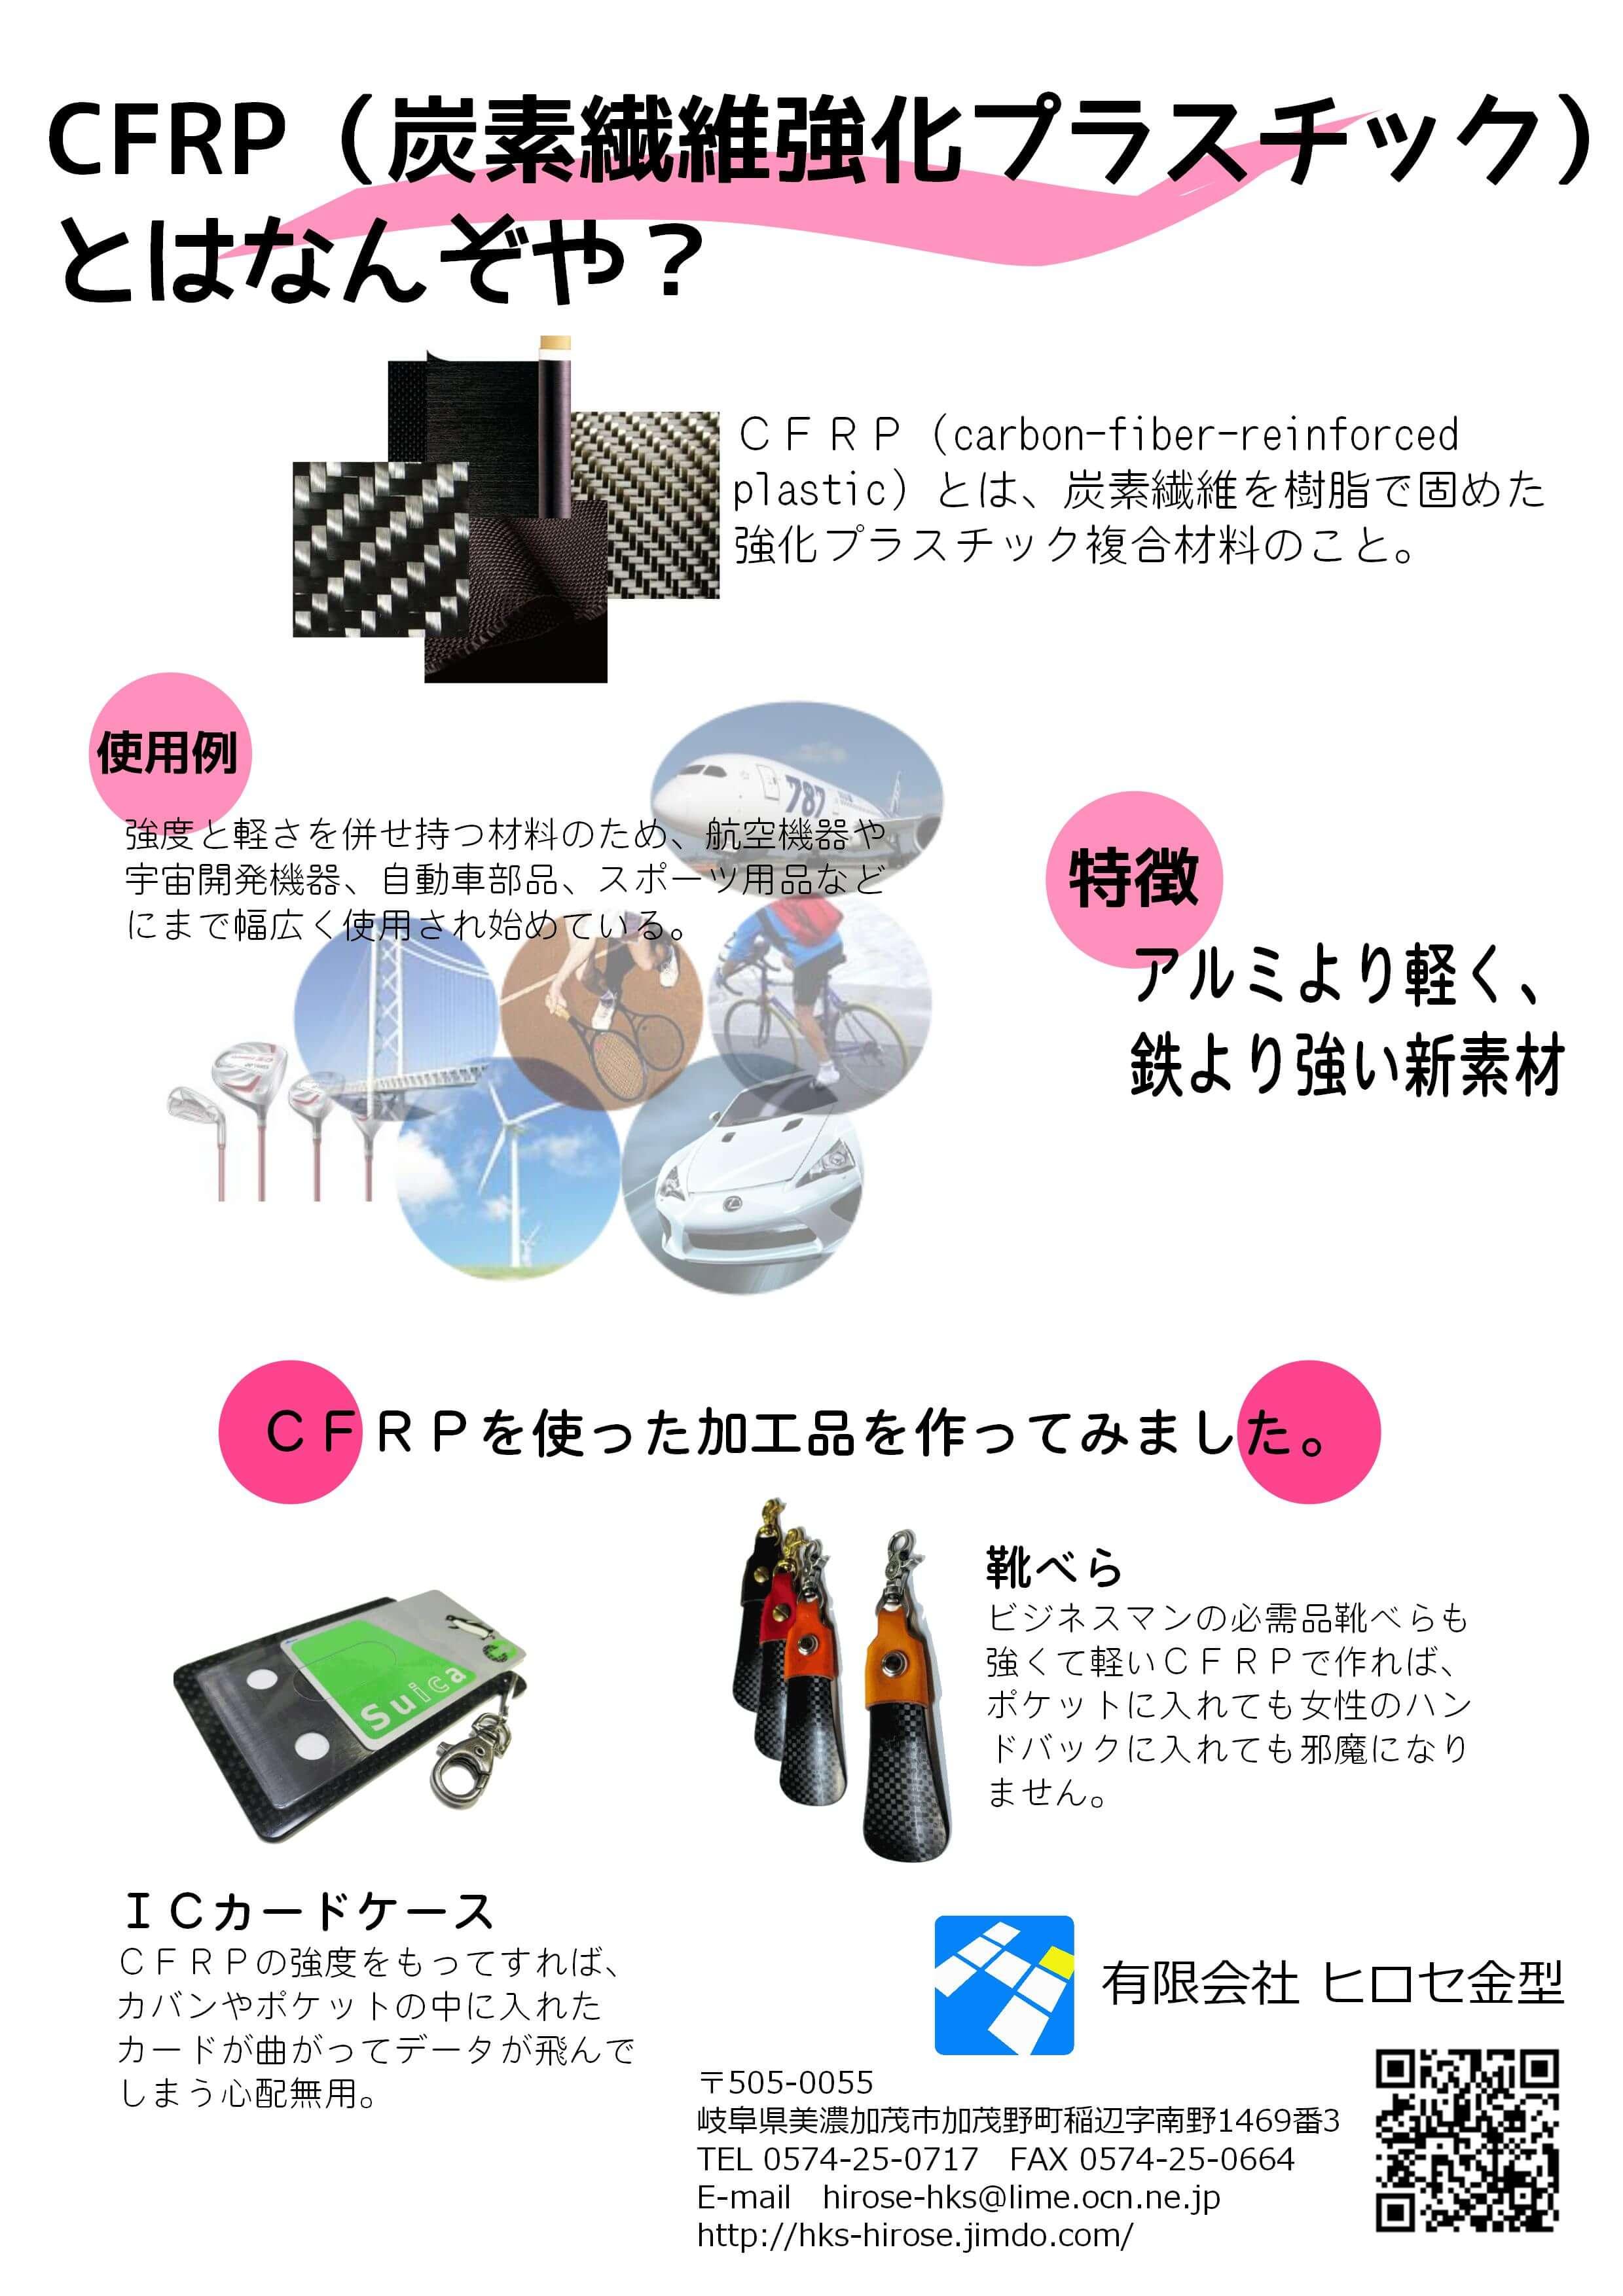 印刷 CFRP チラシ